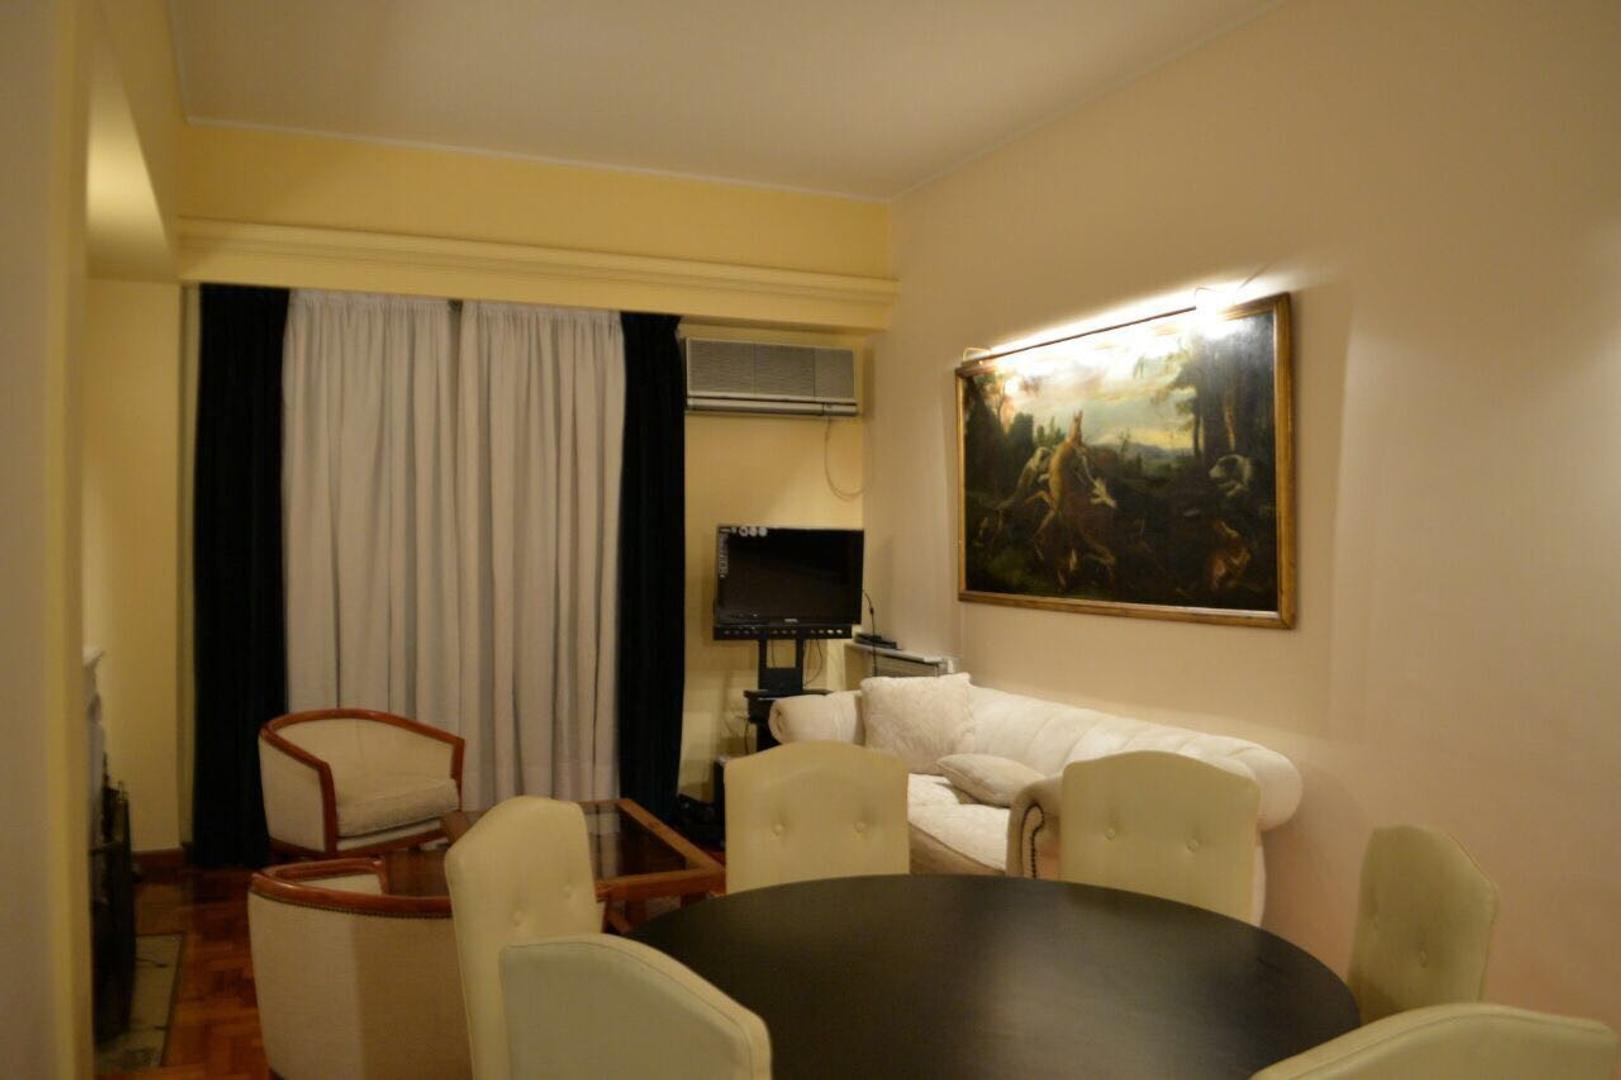 ¡No podrás creer tanto lujo! Hermoso departamento en venta en Belgrano 568